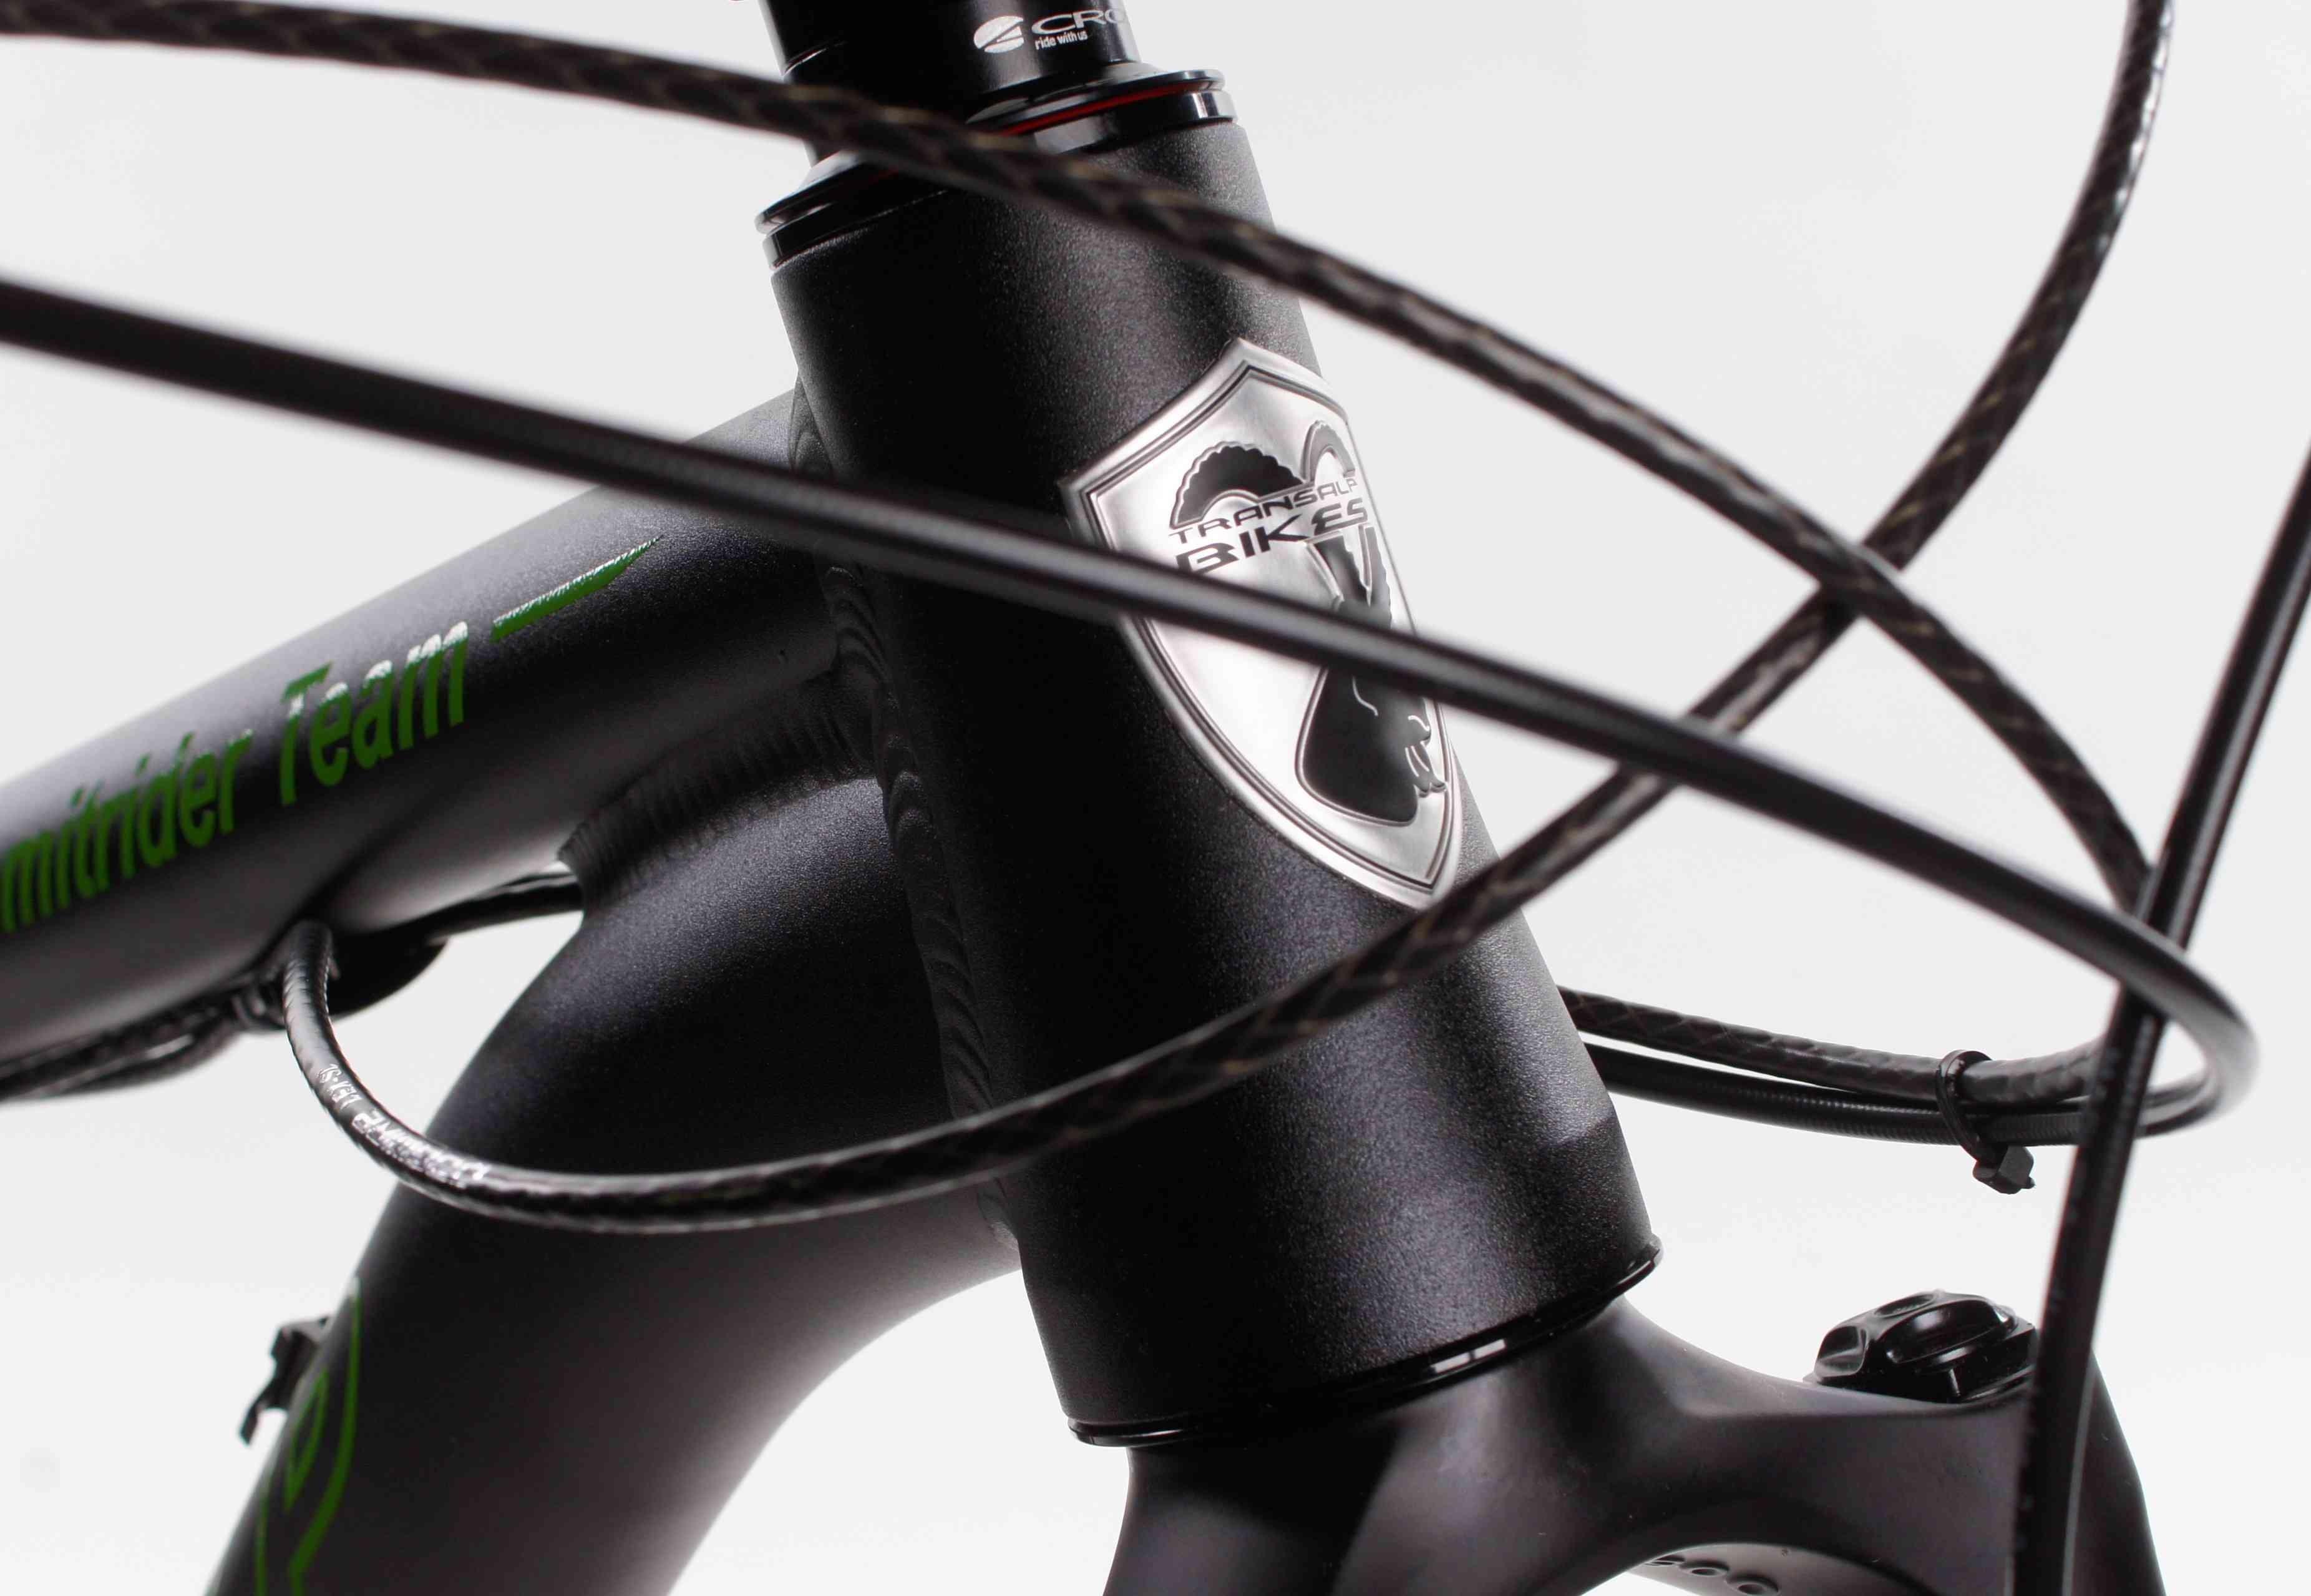 27.5er Hardtail MTB Summitrider Team X12 AM 4.0